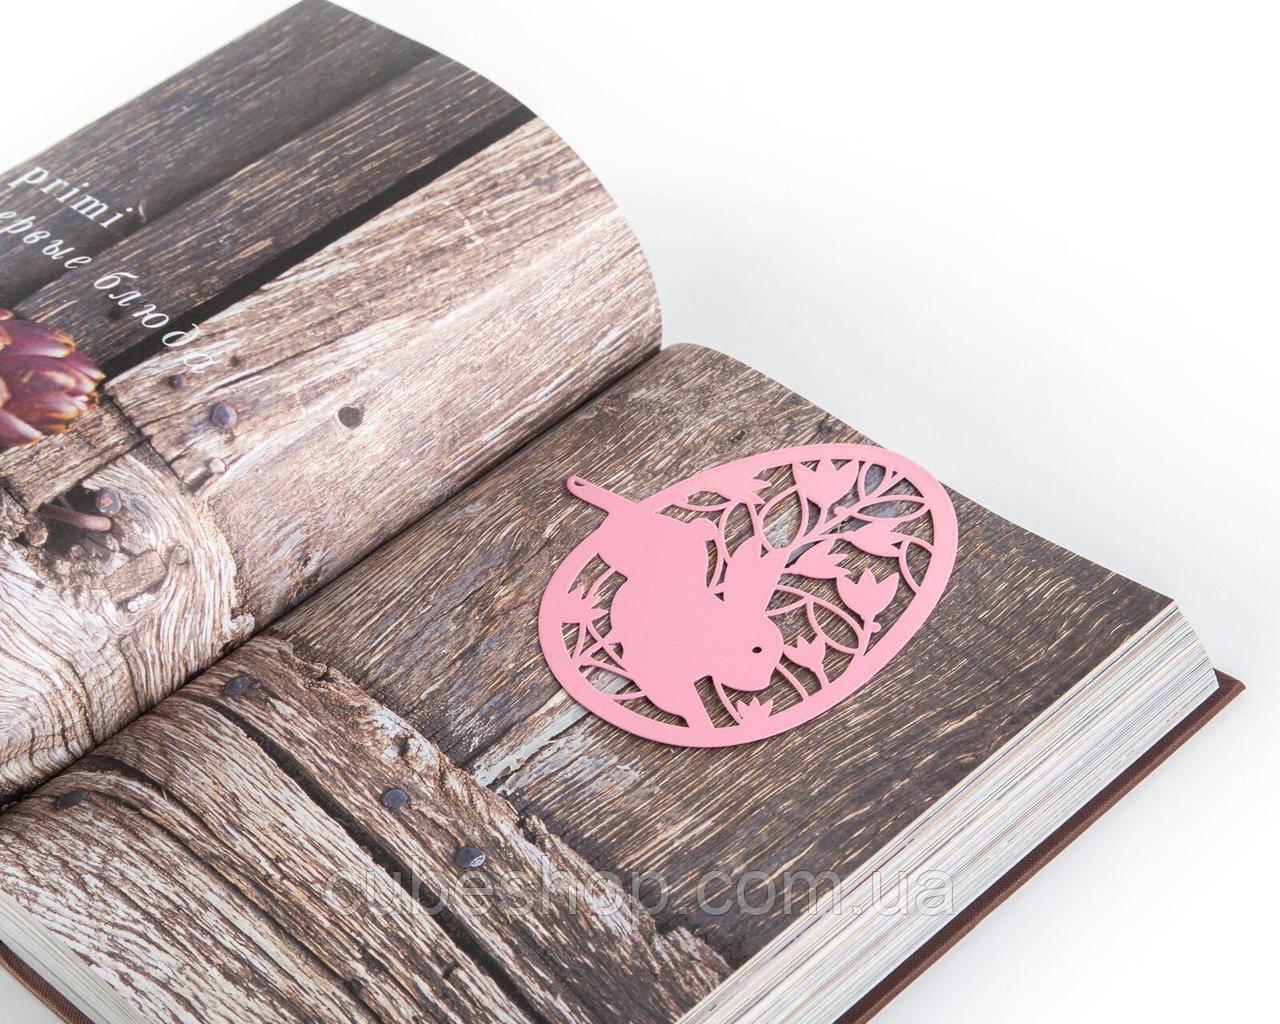 Закладка для книг Пасхальное яйцо (розовый цвет)